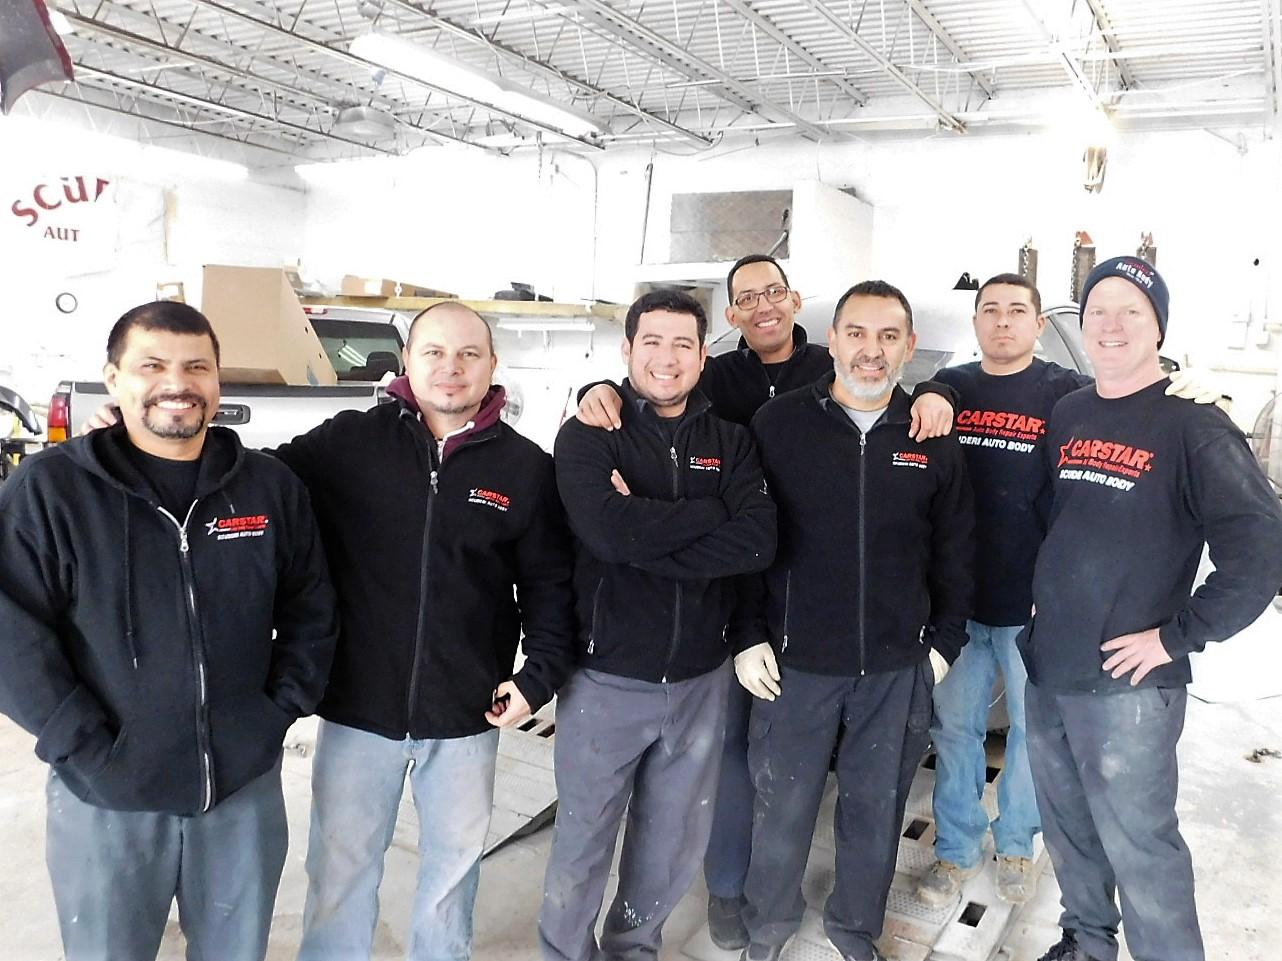 Scuderi CARSTAR Auto Body Repair Experts: Team